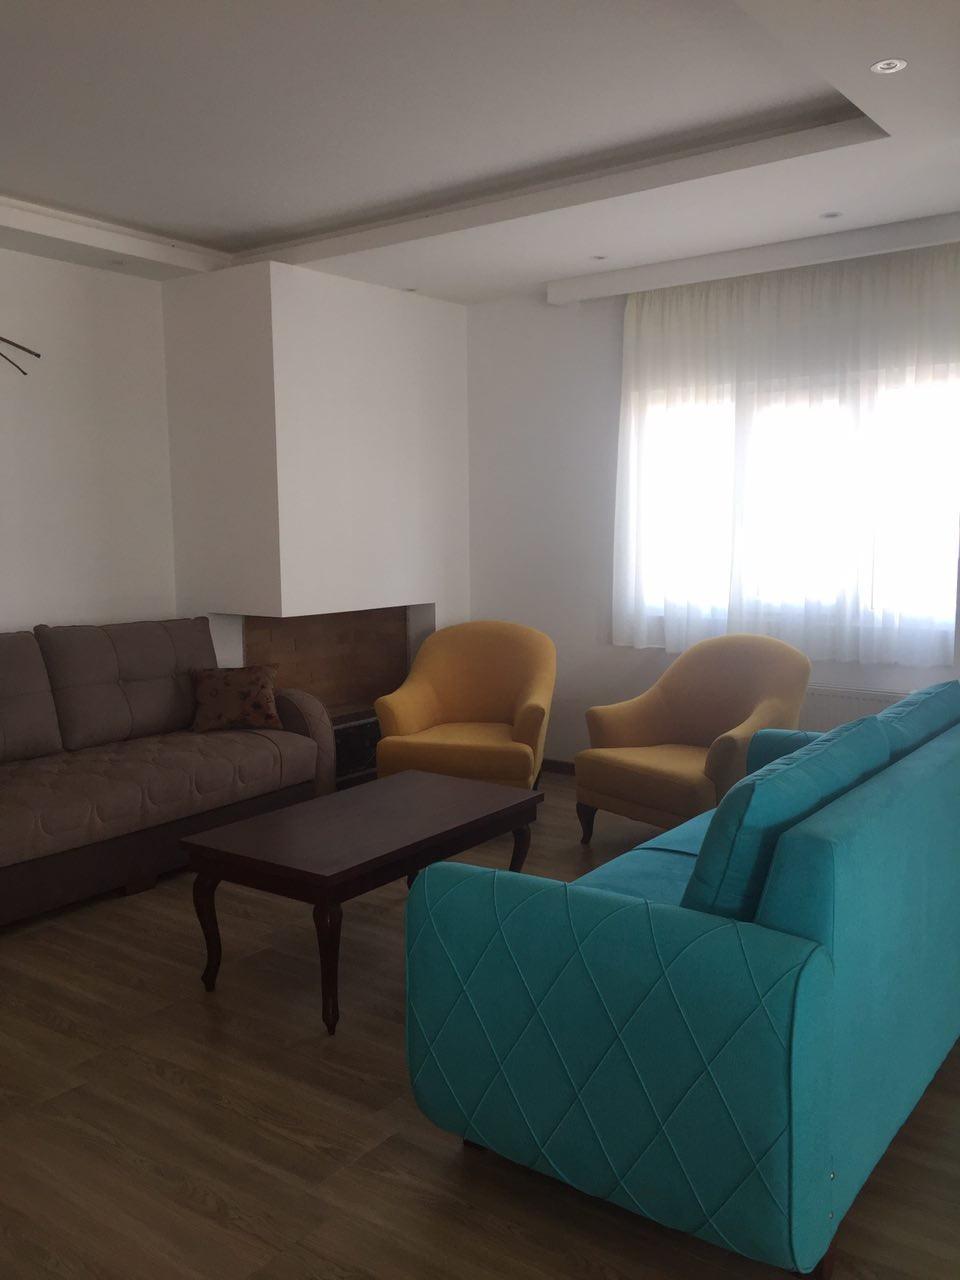 درون شهری هتل آپارتمان مبله در طالقانی متل قو